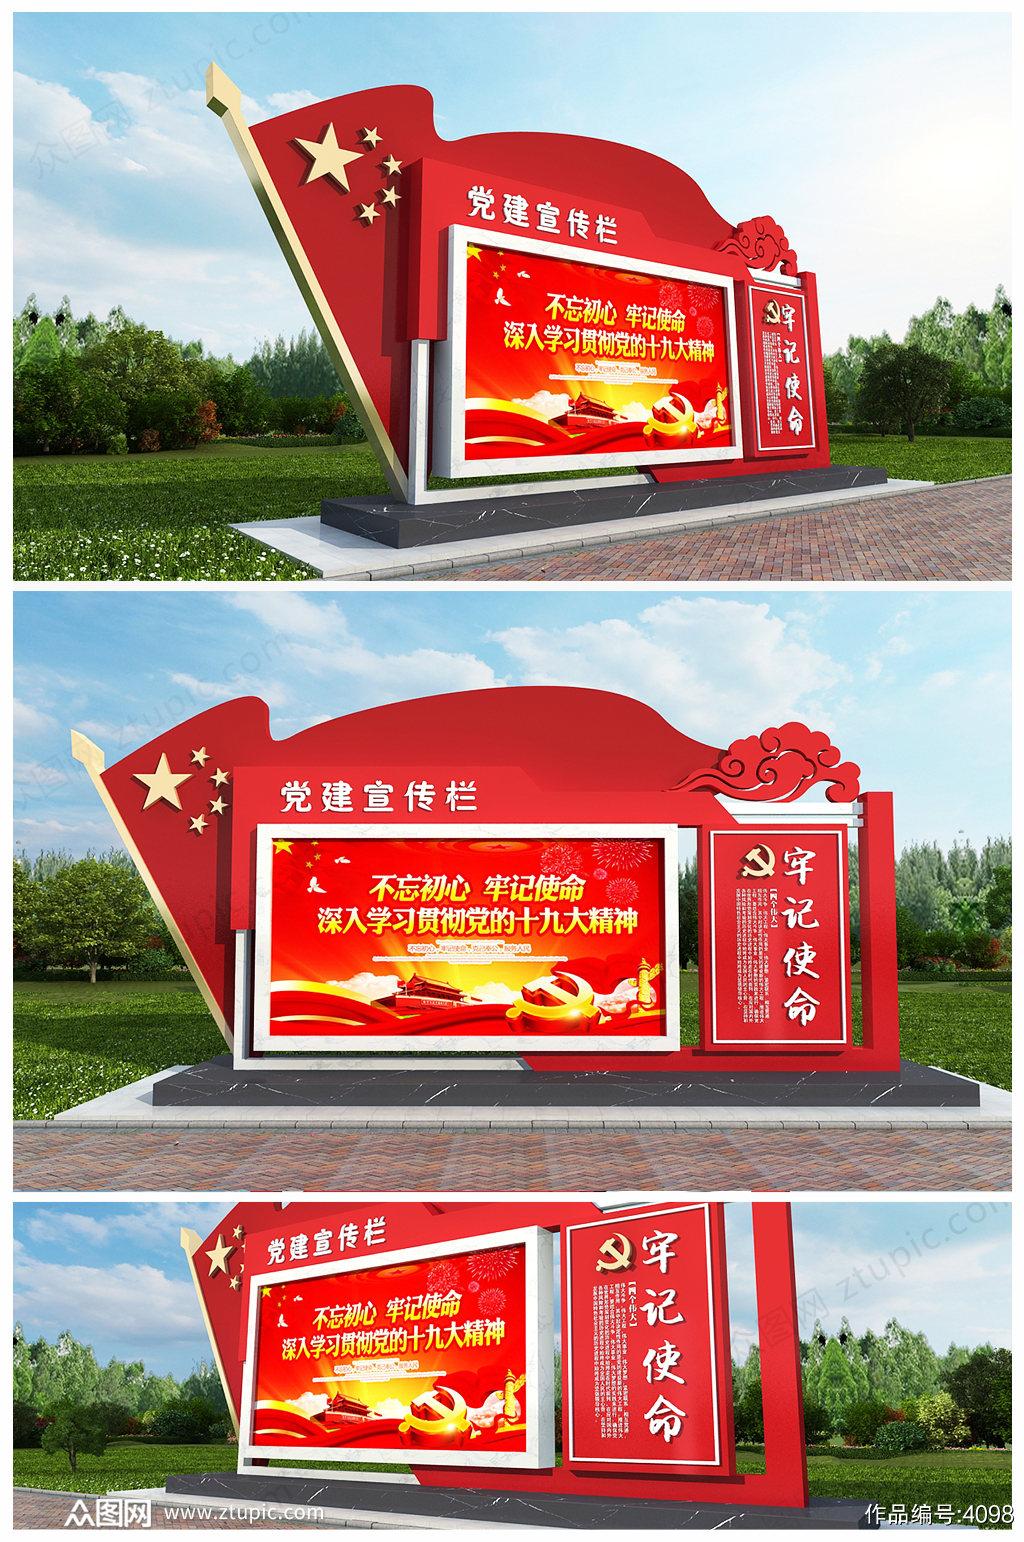 建党100周年 红色党建户外宣传栏告示栏公告栏模型设计素材